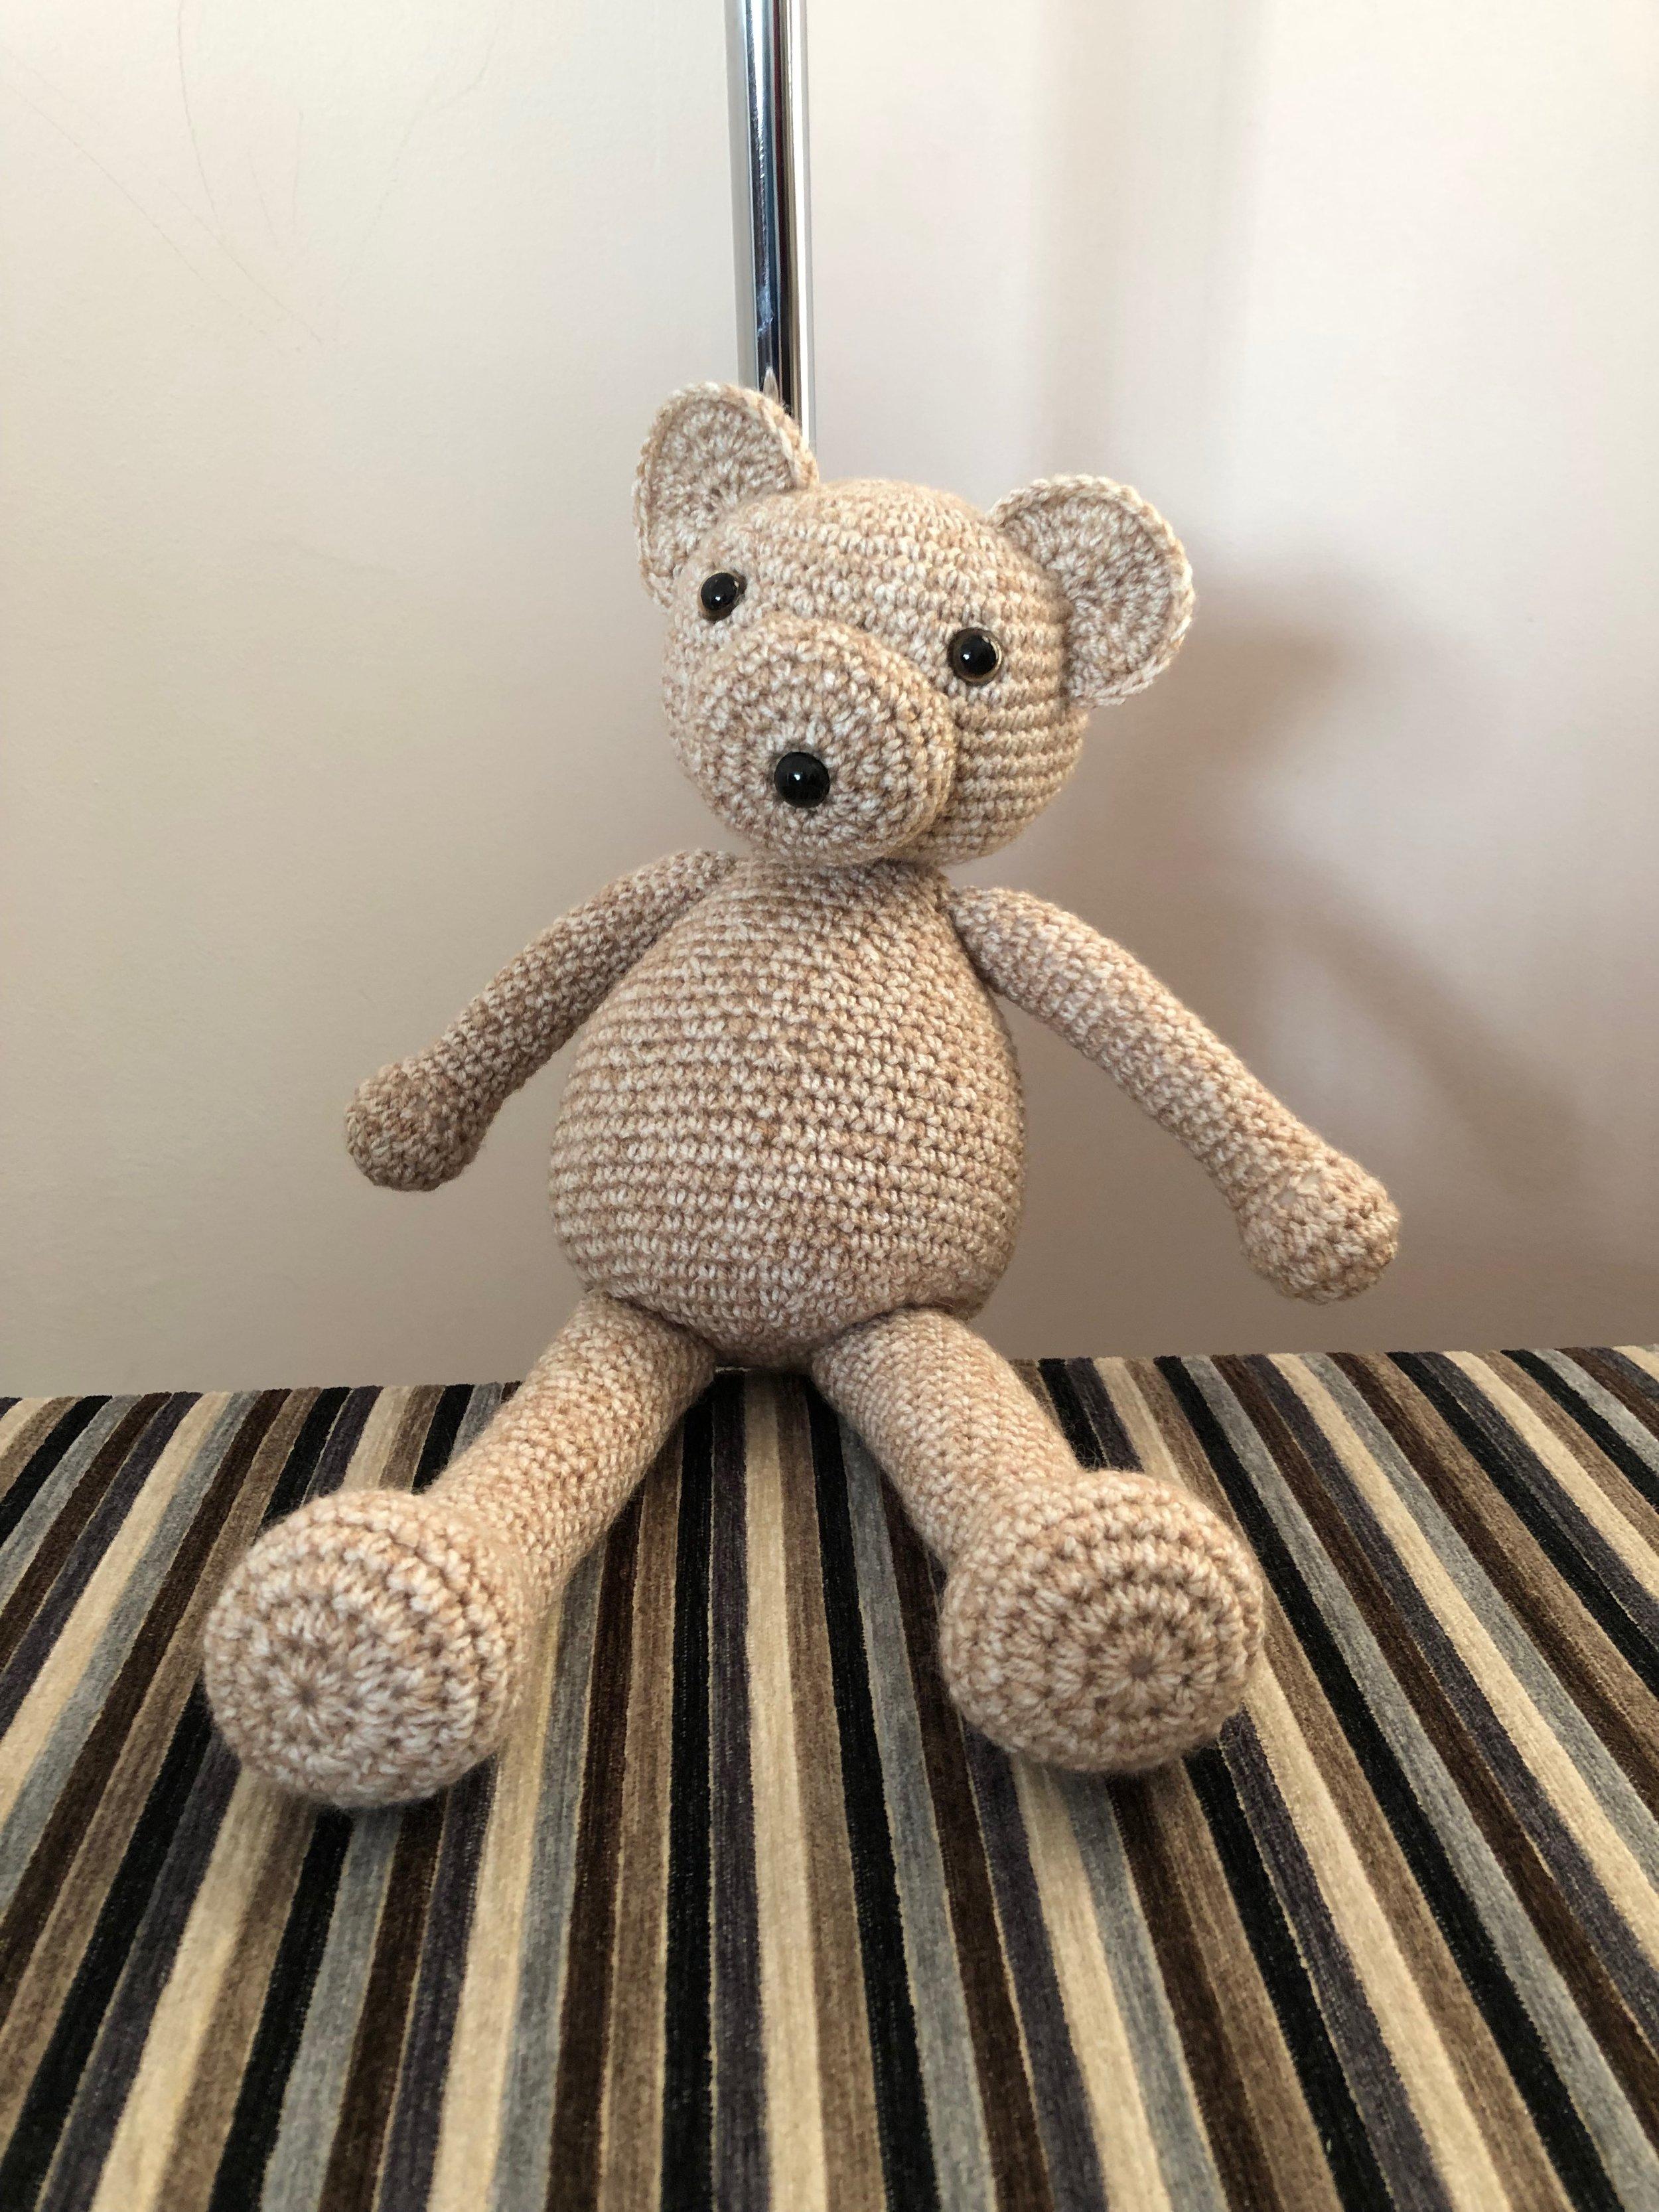 Fred bear - Crochet bear made in Stylecraft Batik